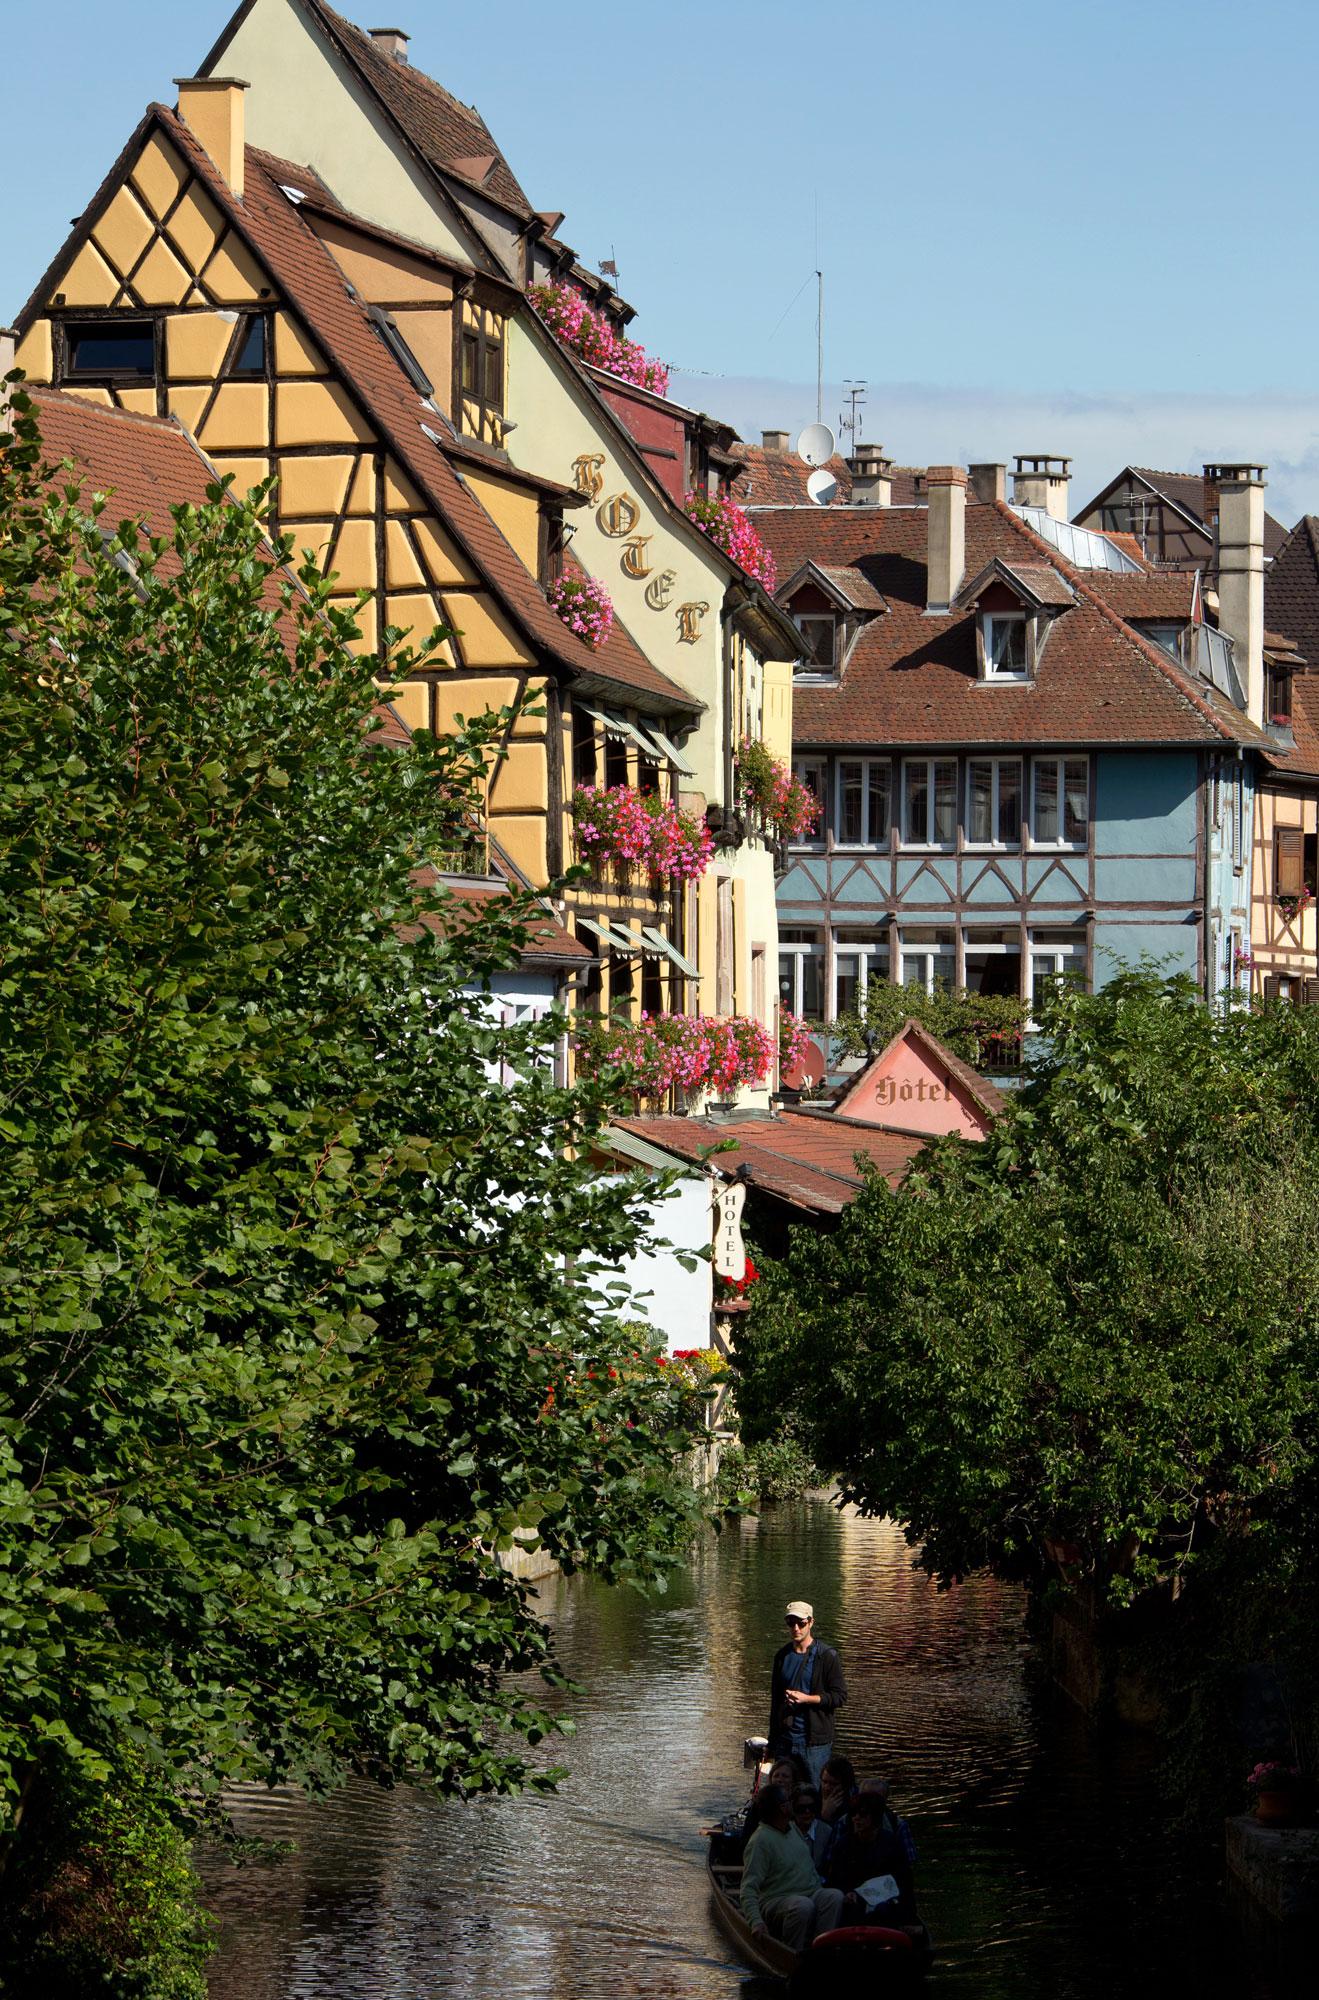 Personnes assises dans une barque en promenade sur les canaux d'Alsace